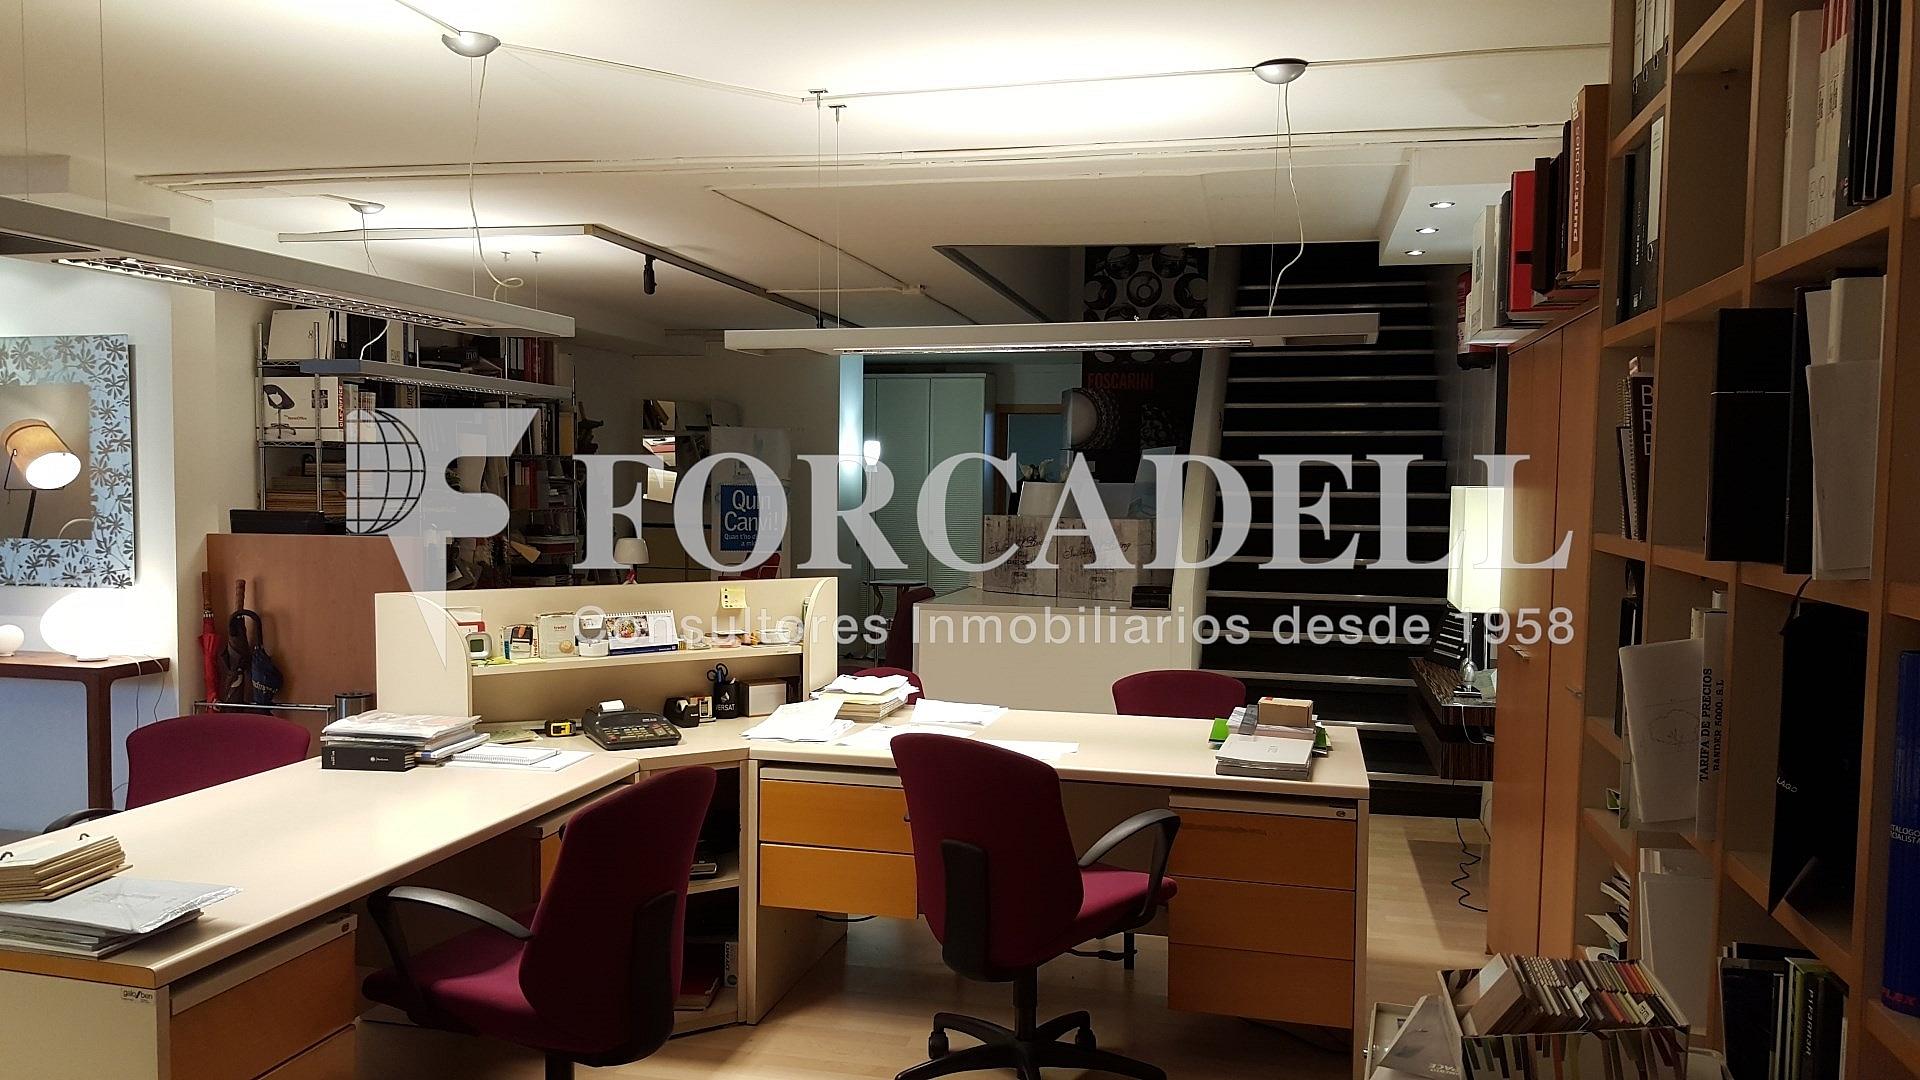 20151019_140318 - Local comercial en alquiler en Cornellà de Llobregat - 261862348